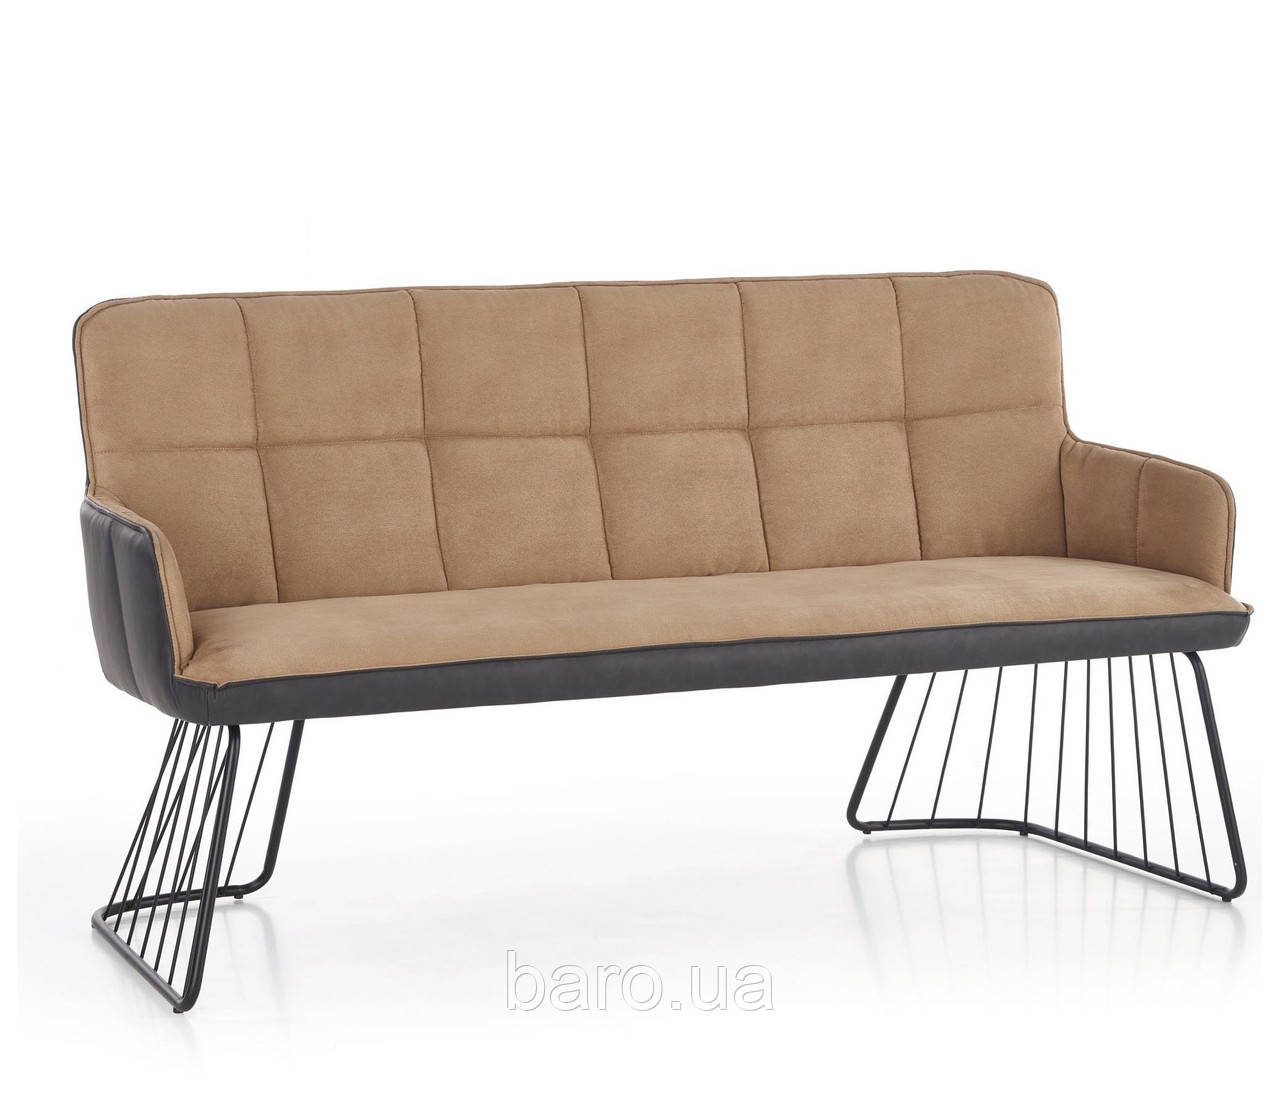 Кресло-банкетка L-1 светло-коричневый, Halmar